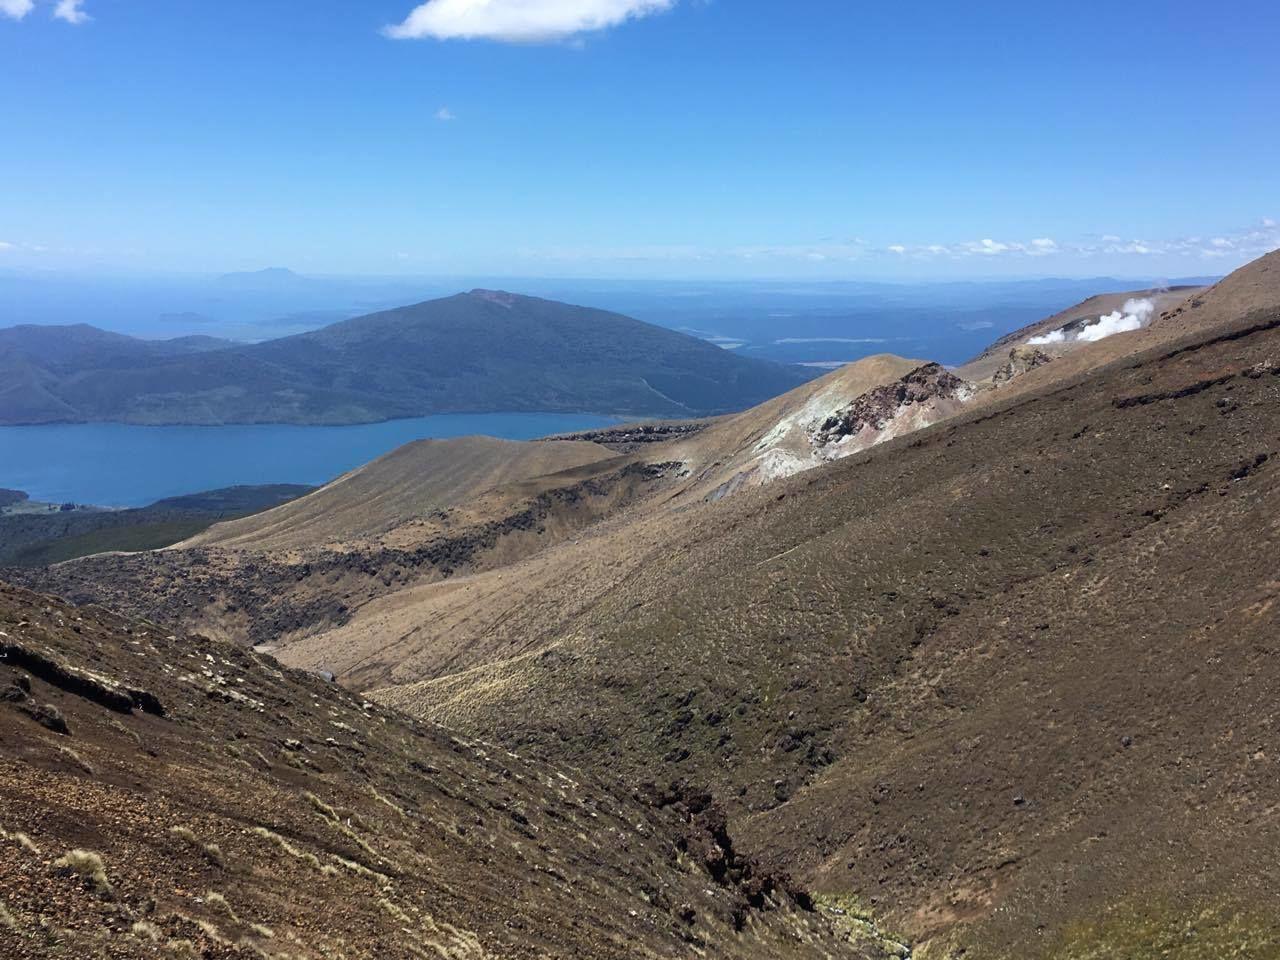 Cesta od Blue lake už je dlouhá a pořád z kopce